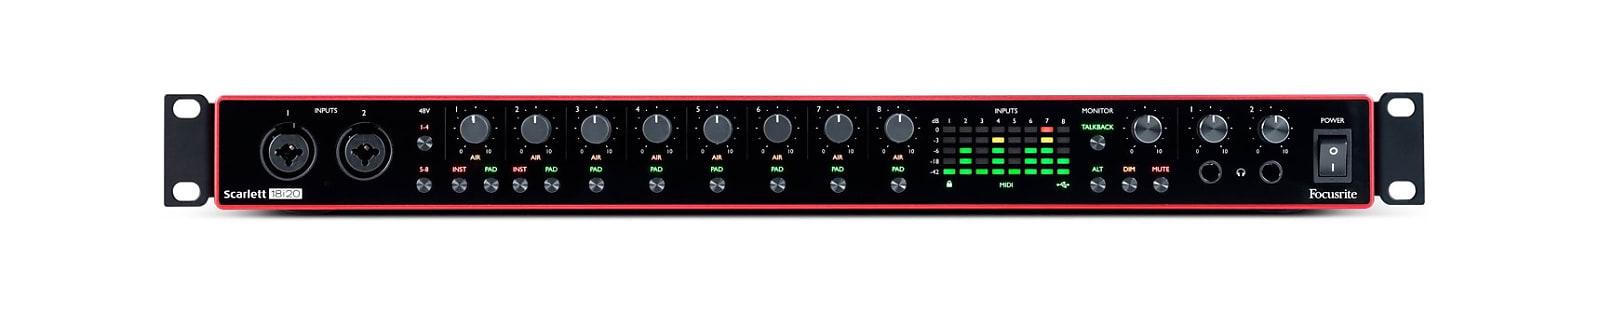 Focusrite Scarlett 18i20 USB Audio Recording Interface (3rd Gen)